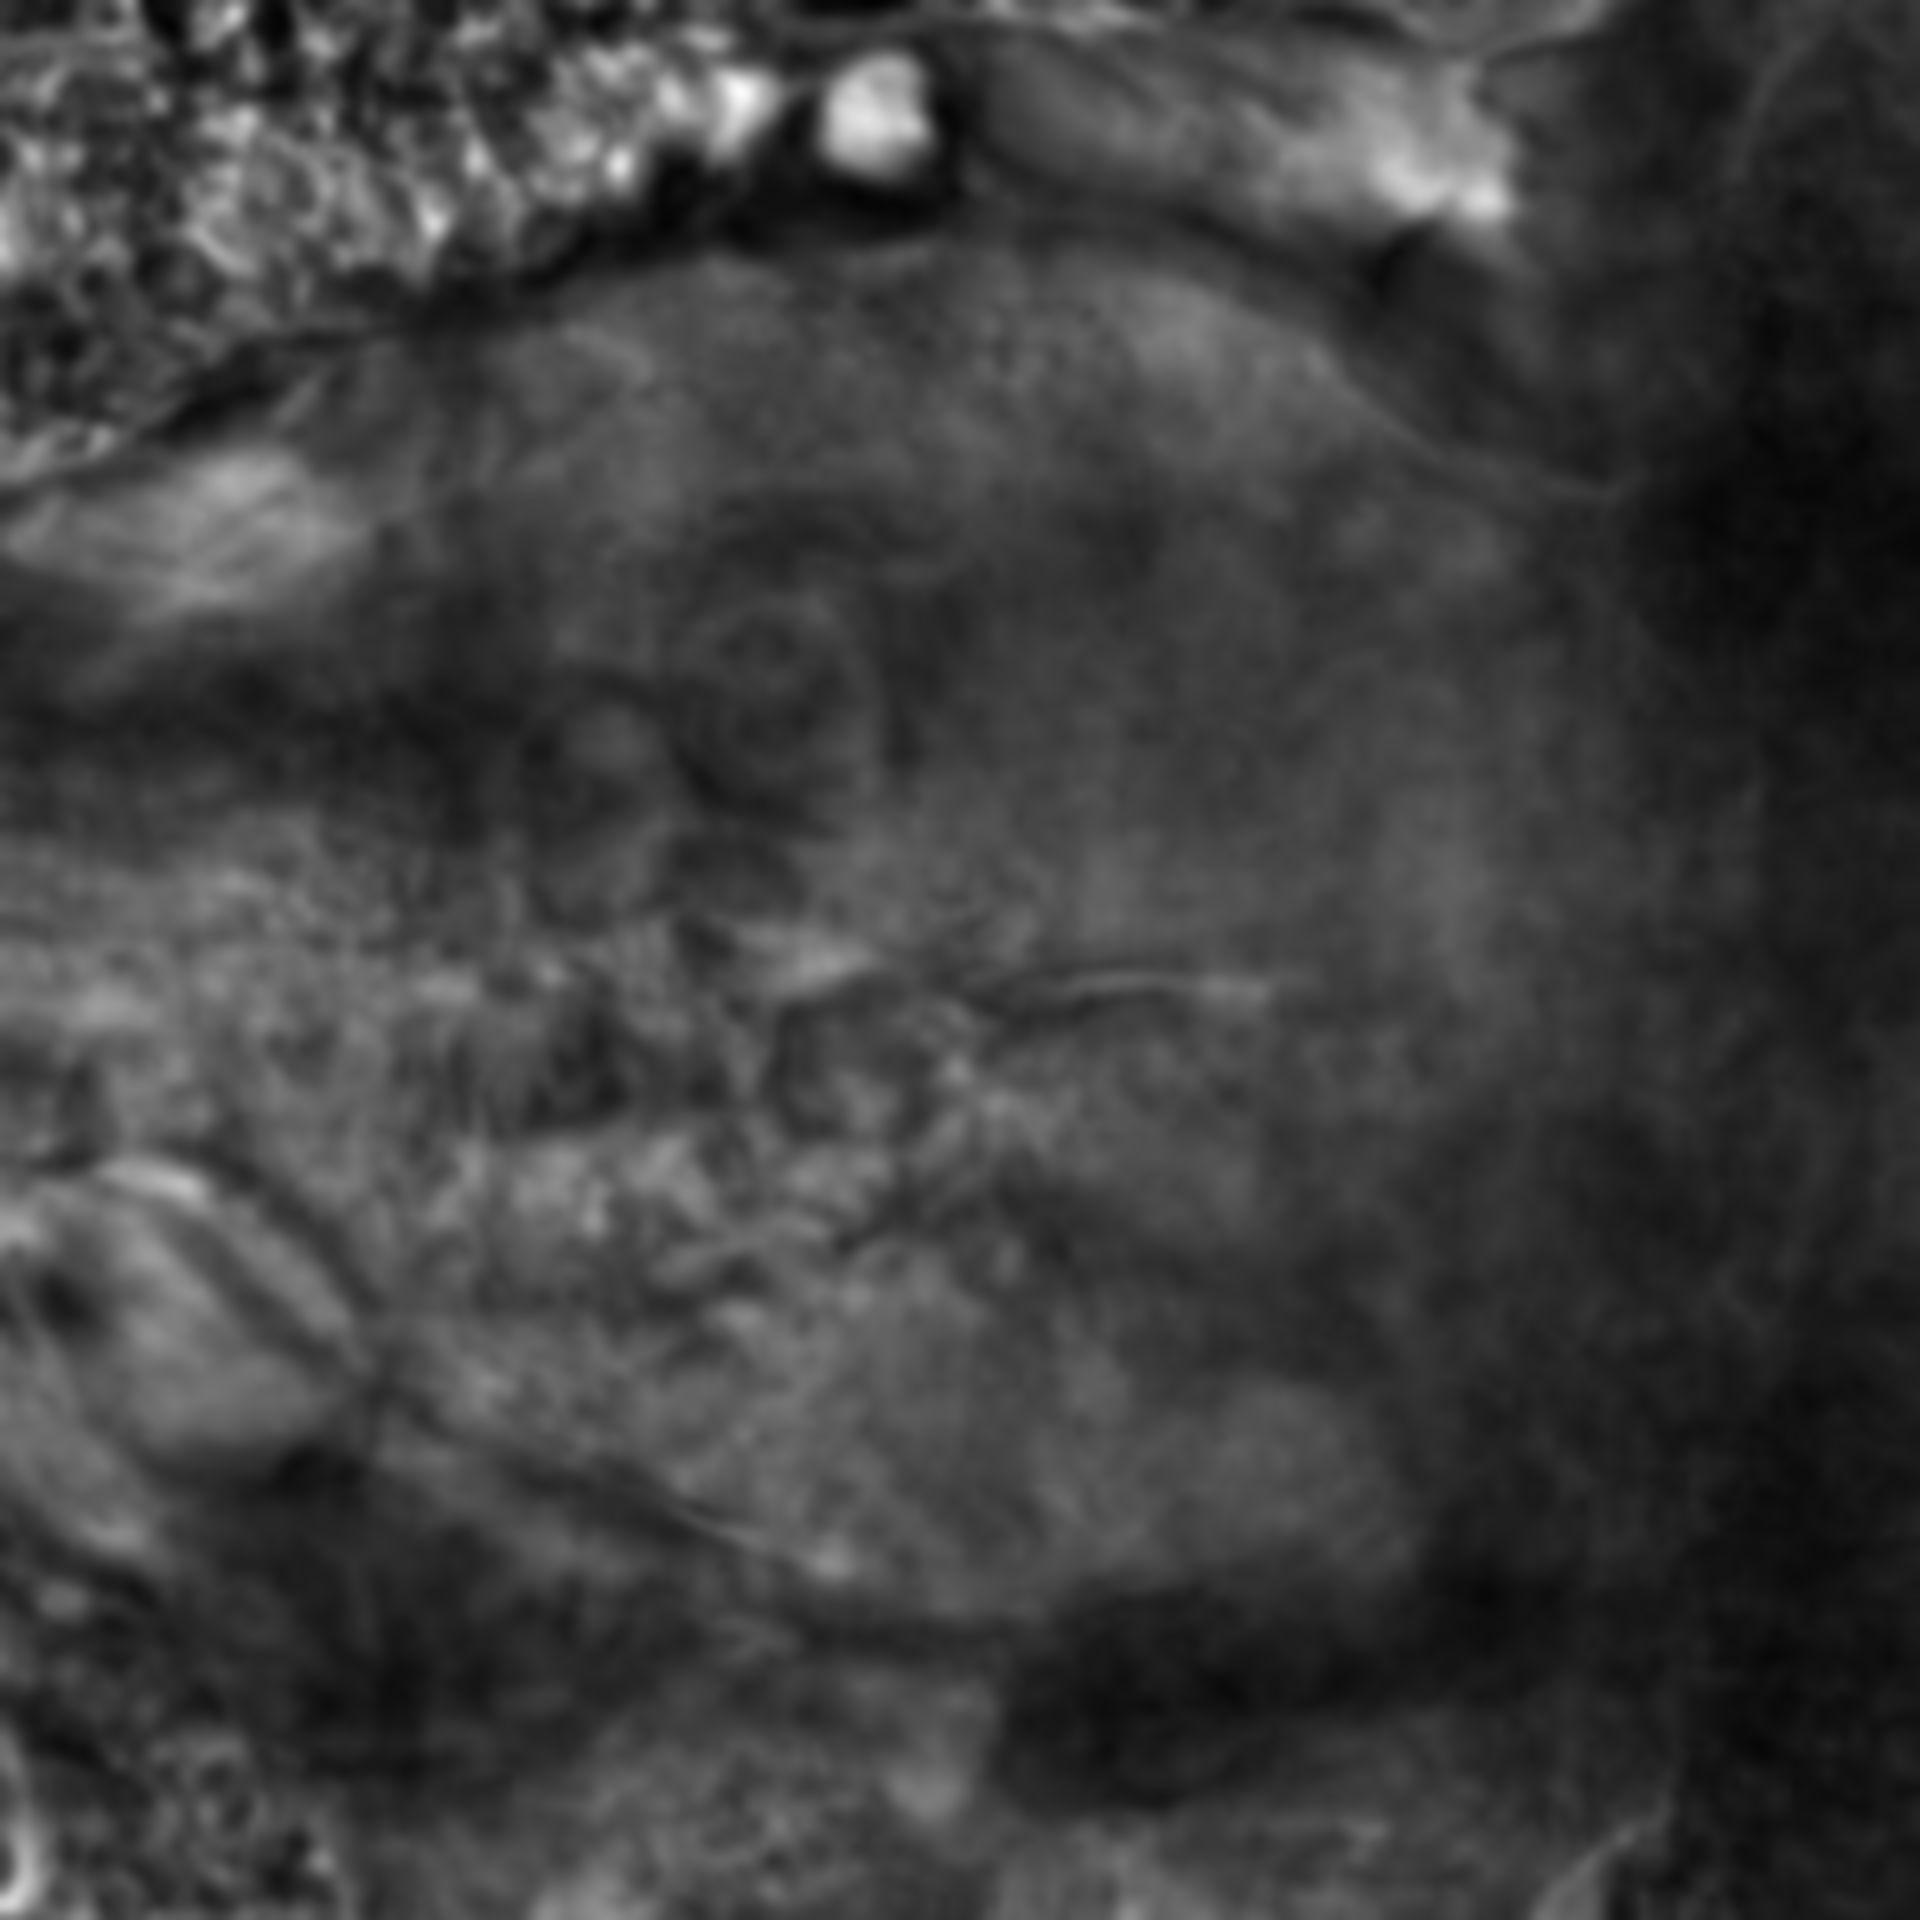 Caenorhabditis elegans - CIL:2226